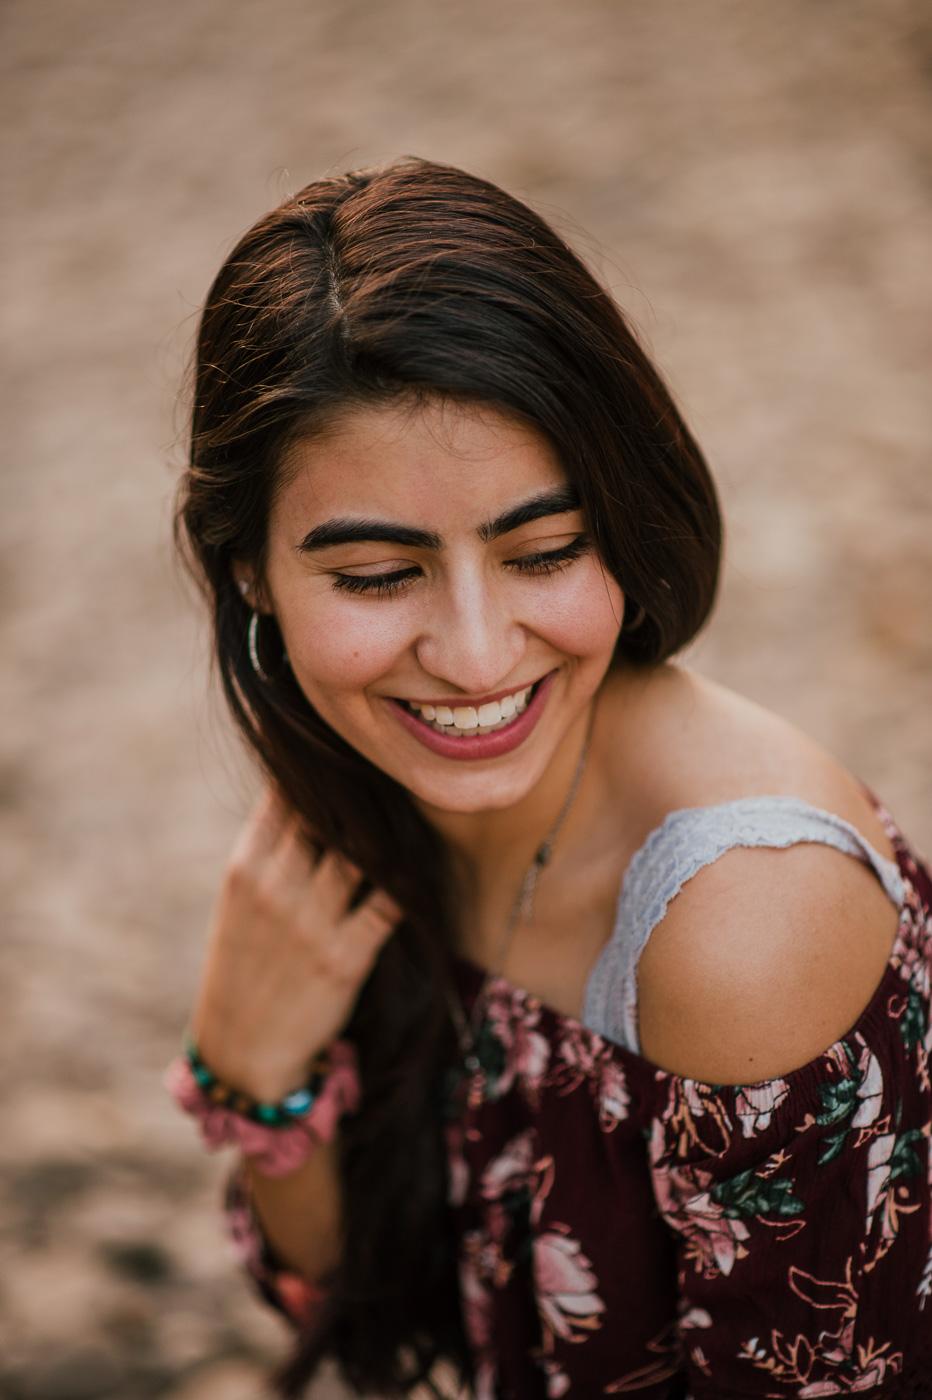 PHOCO Photography Fort Collins Colorado Elizabeth Senior 2019-4.jpg